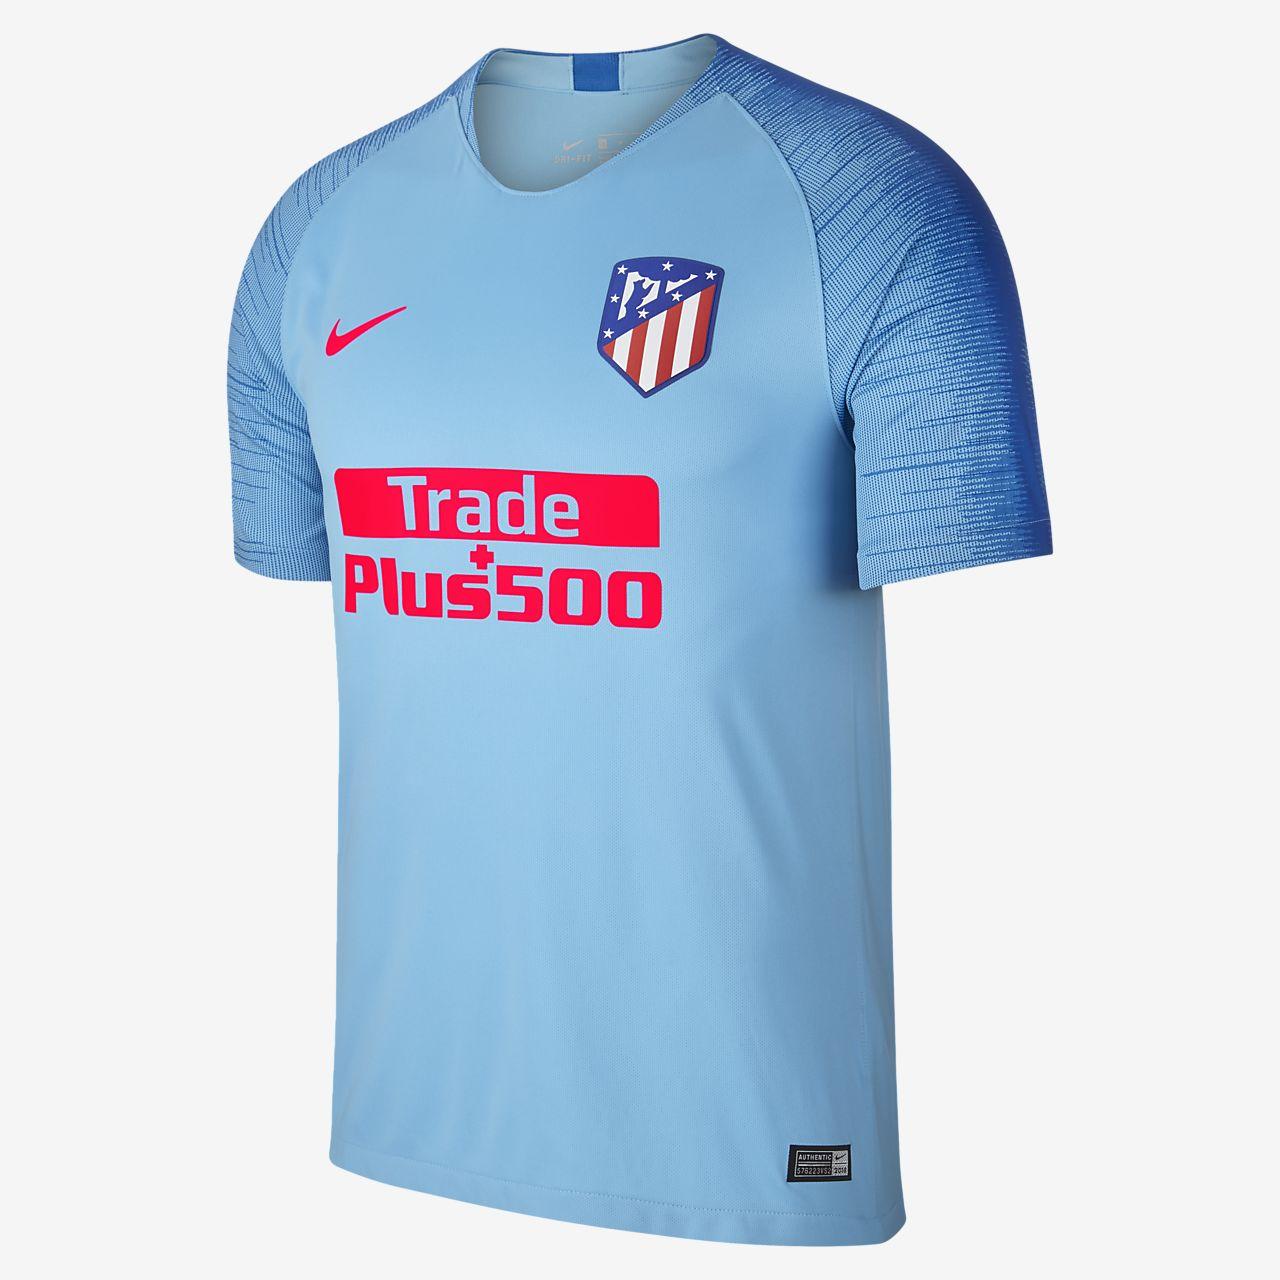 Camiseta de fútbol para hombre de visita Stadium del Atlético de Madrid 2018/19